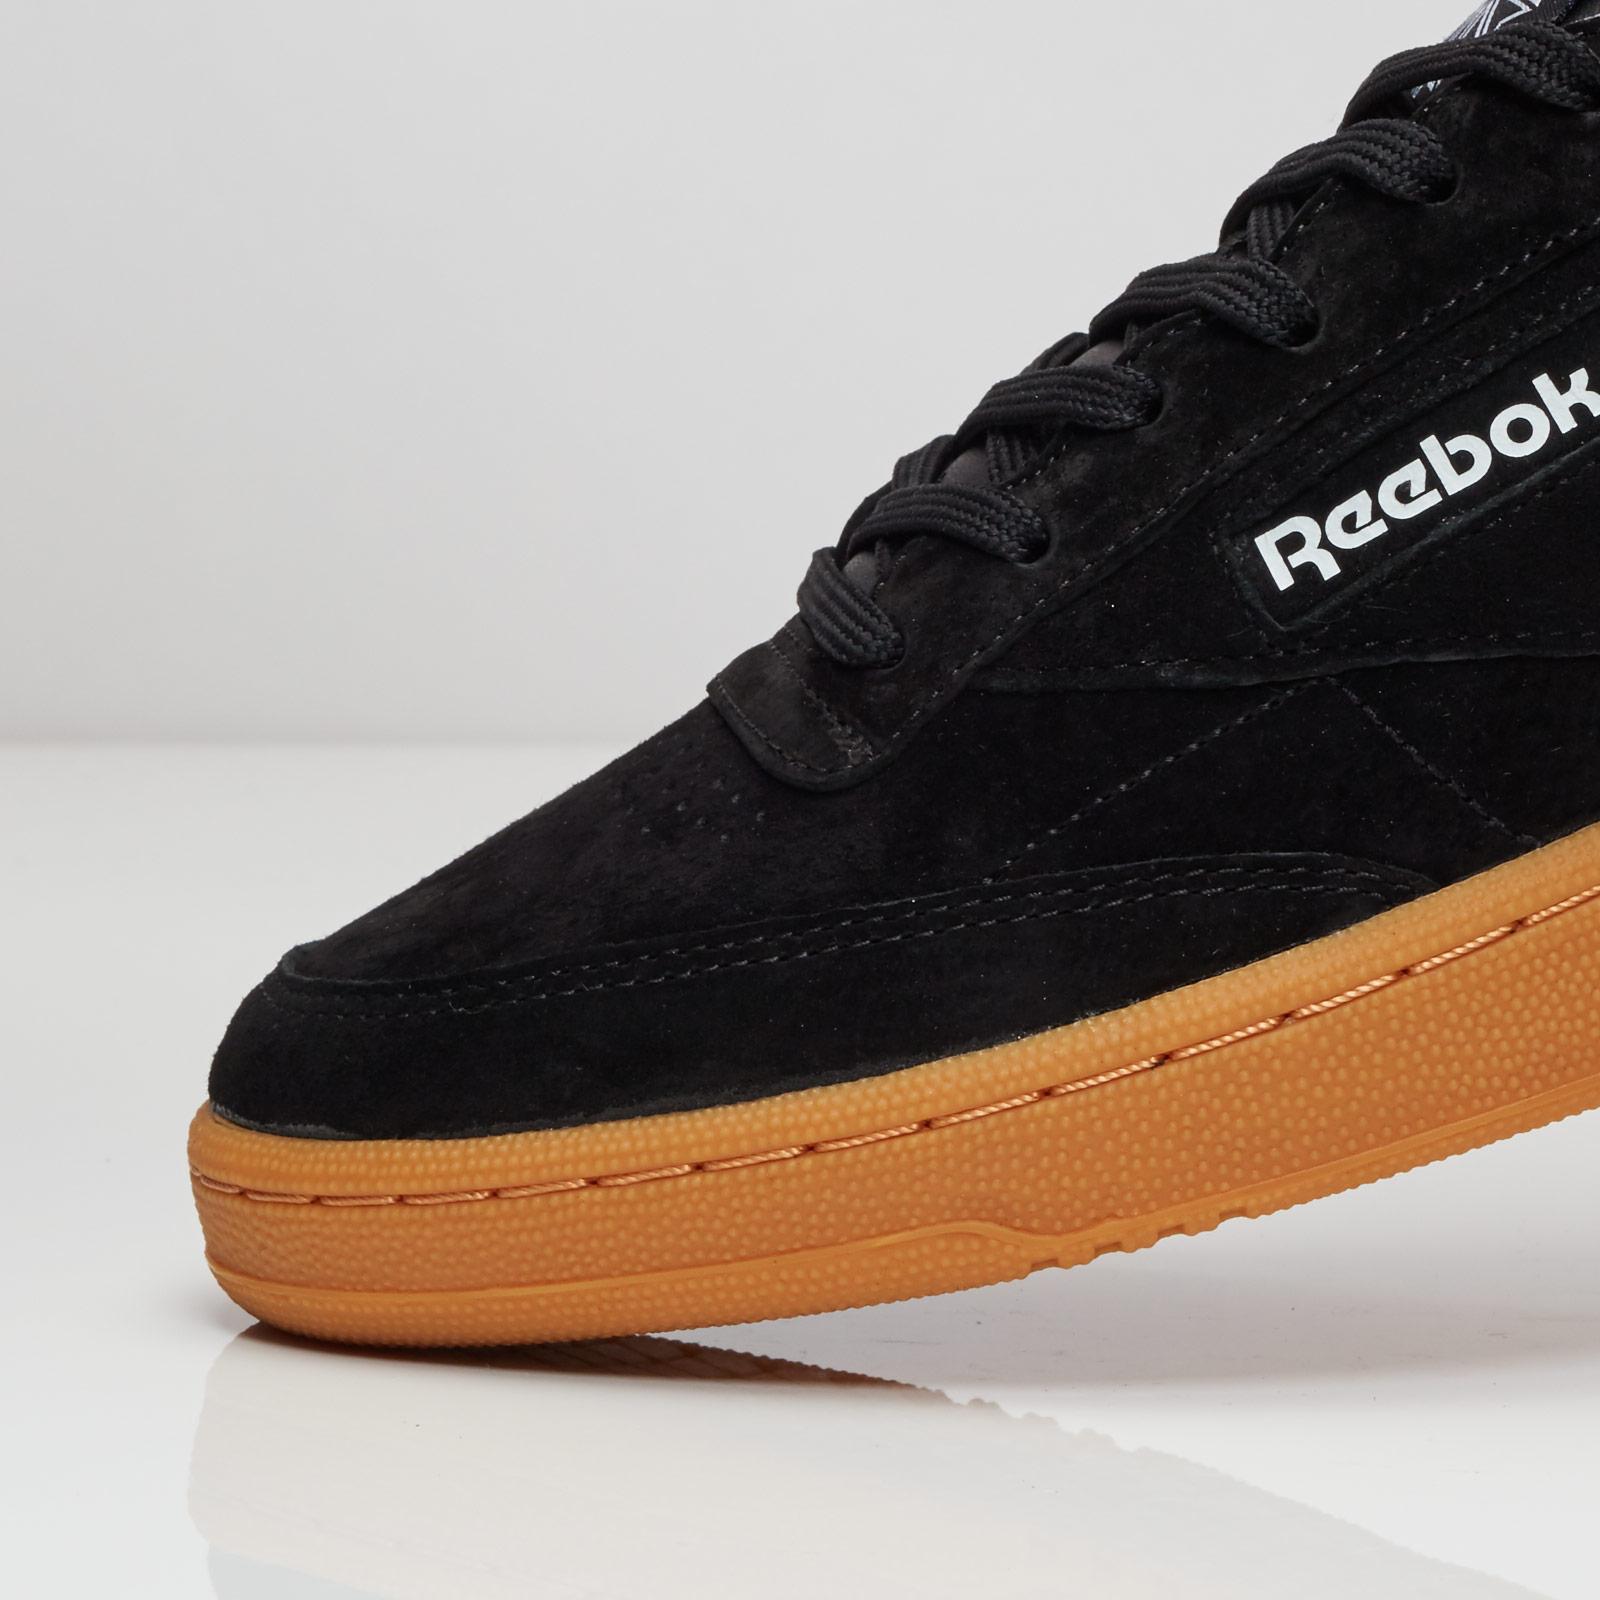 halvin hinta Julkaisupäivä kohtuullinen hinta Reebok Club C 85 Indoor - Aq9872 - Sneakersnstuff   sneakers ...